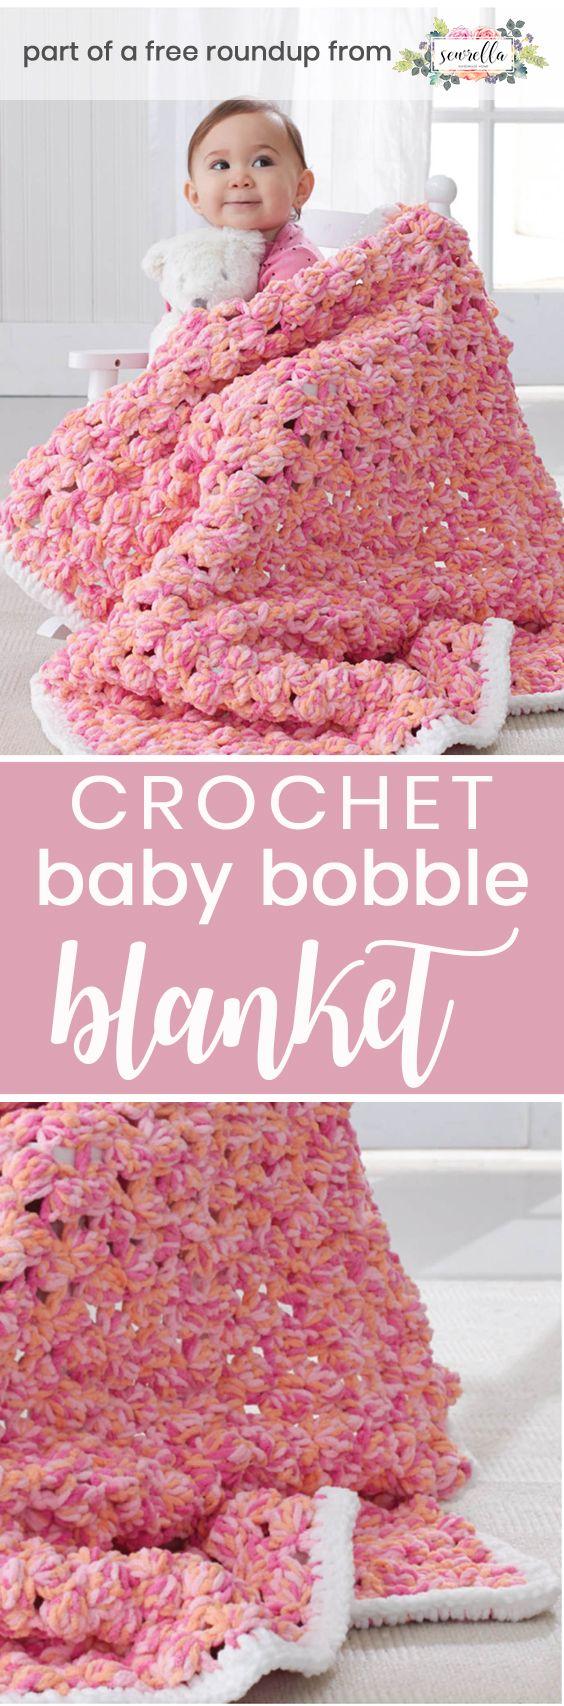 Crochet this easy beginner bobble baby blanket from Bernat from my best free crochet baby blankets for girls roundup!